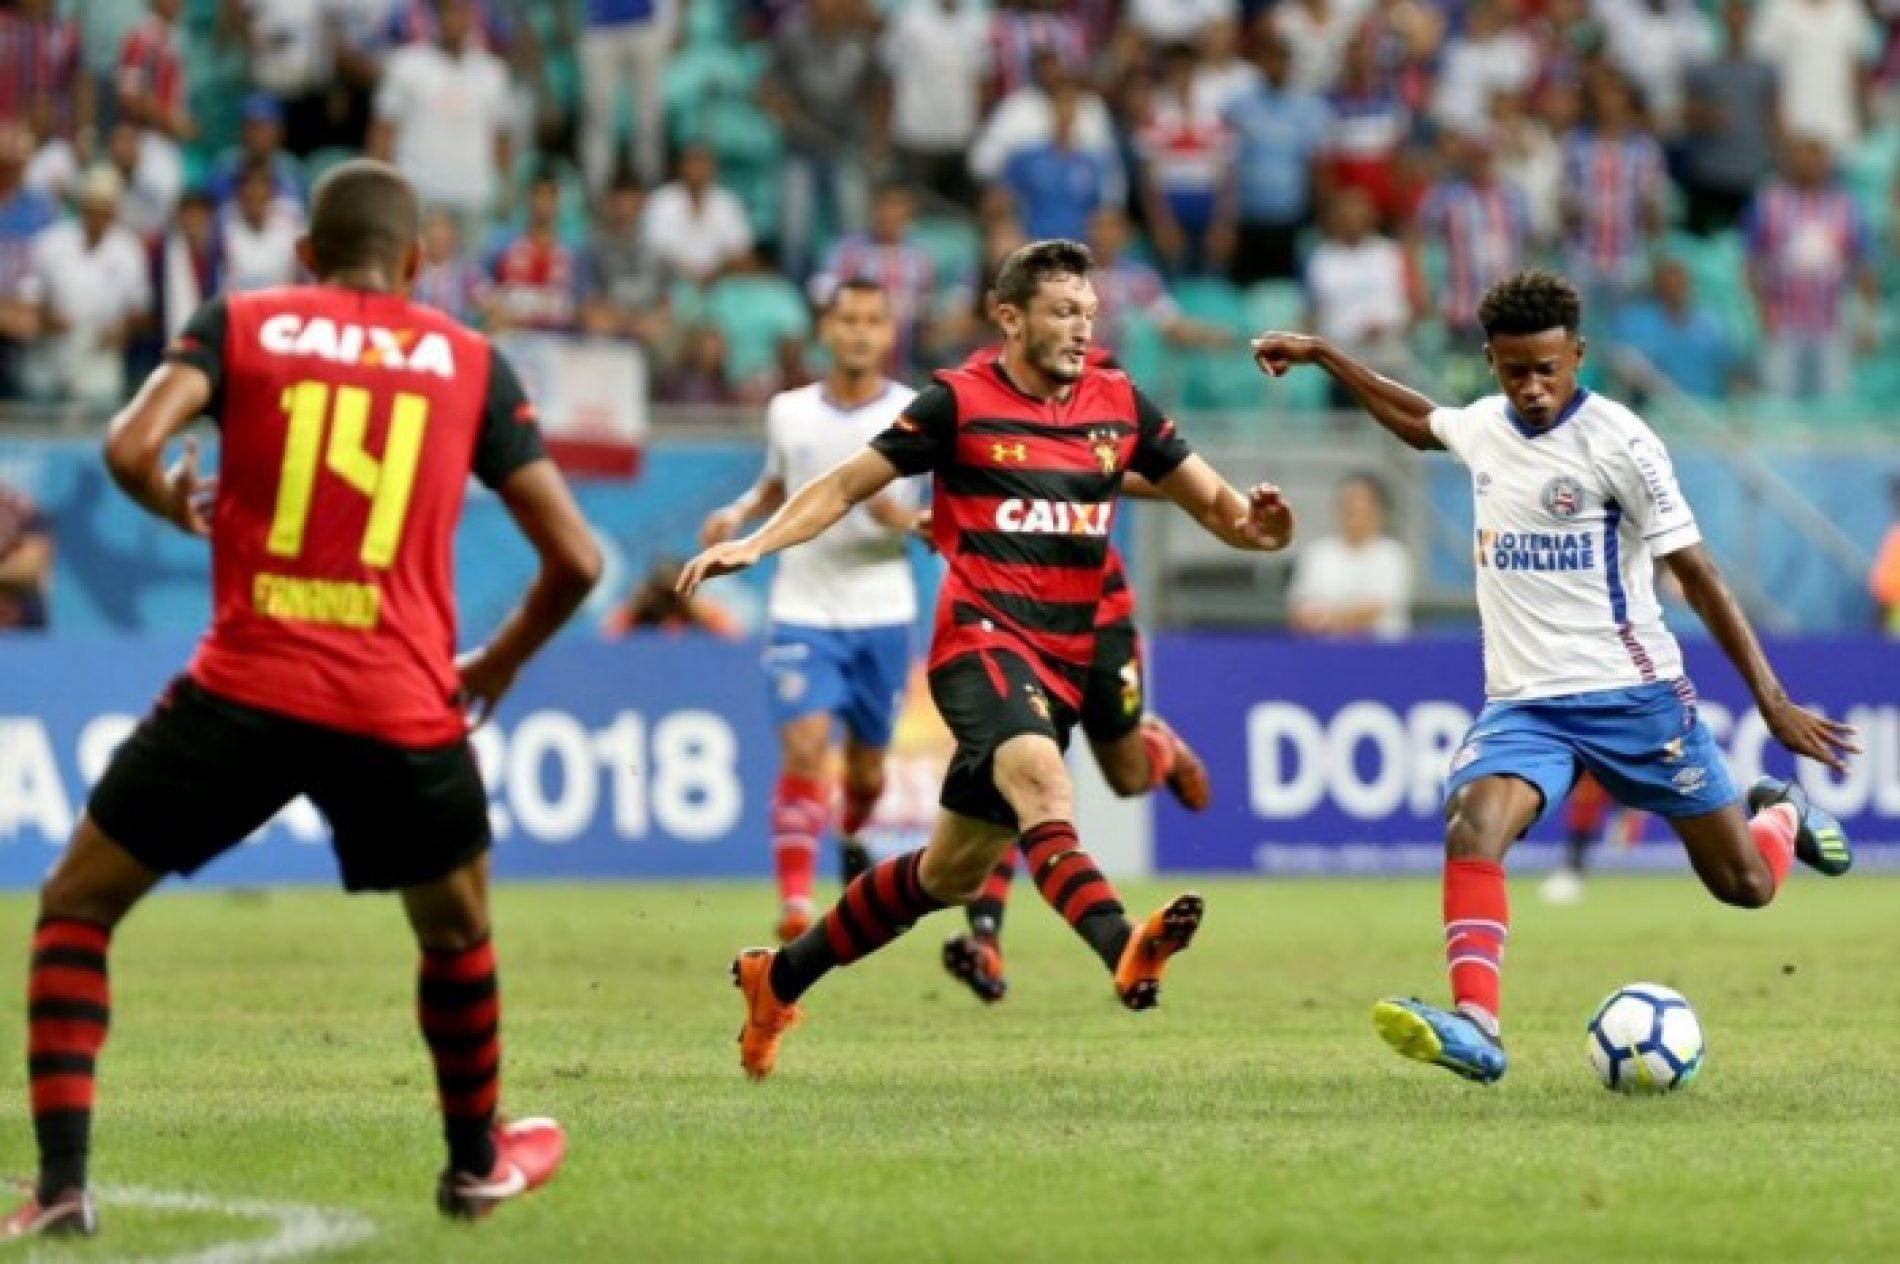 Bahia vence o Sport por 2 a 0 e sobe para parte de cima da tabela do Brasileirão